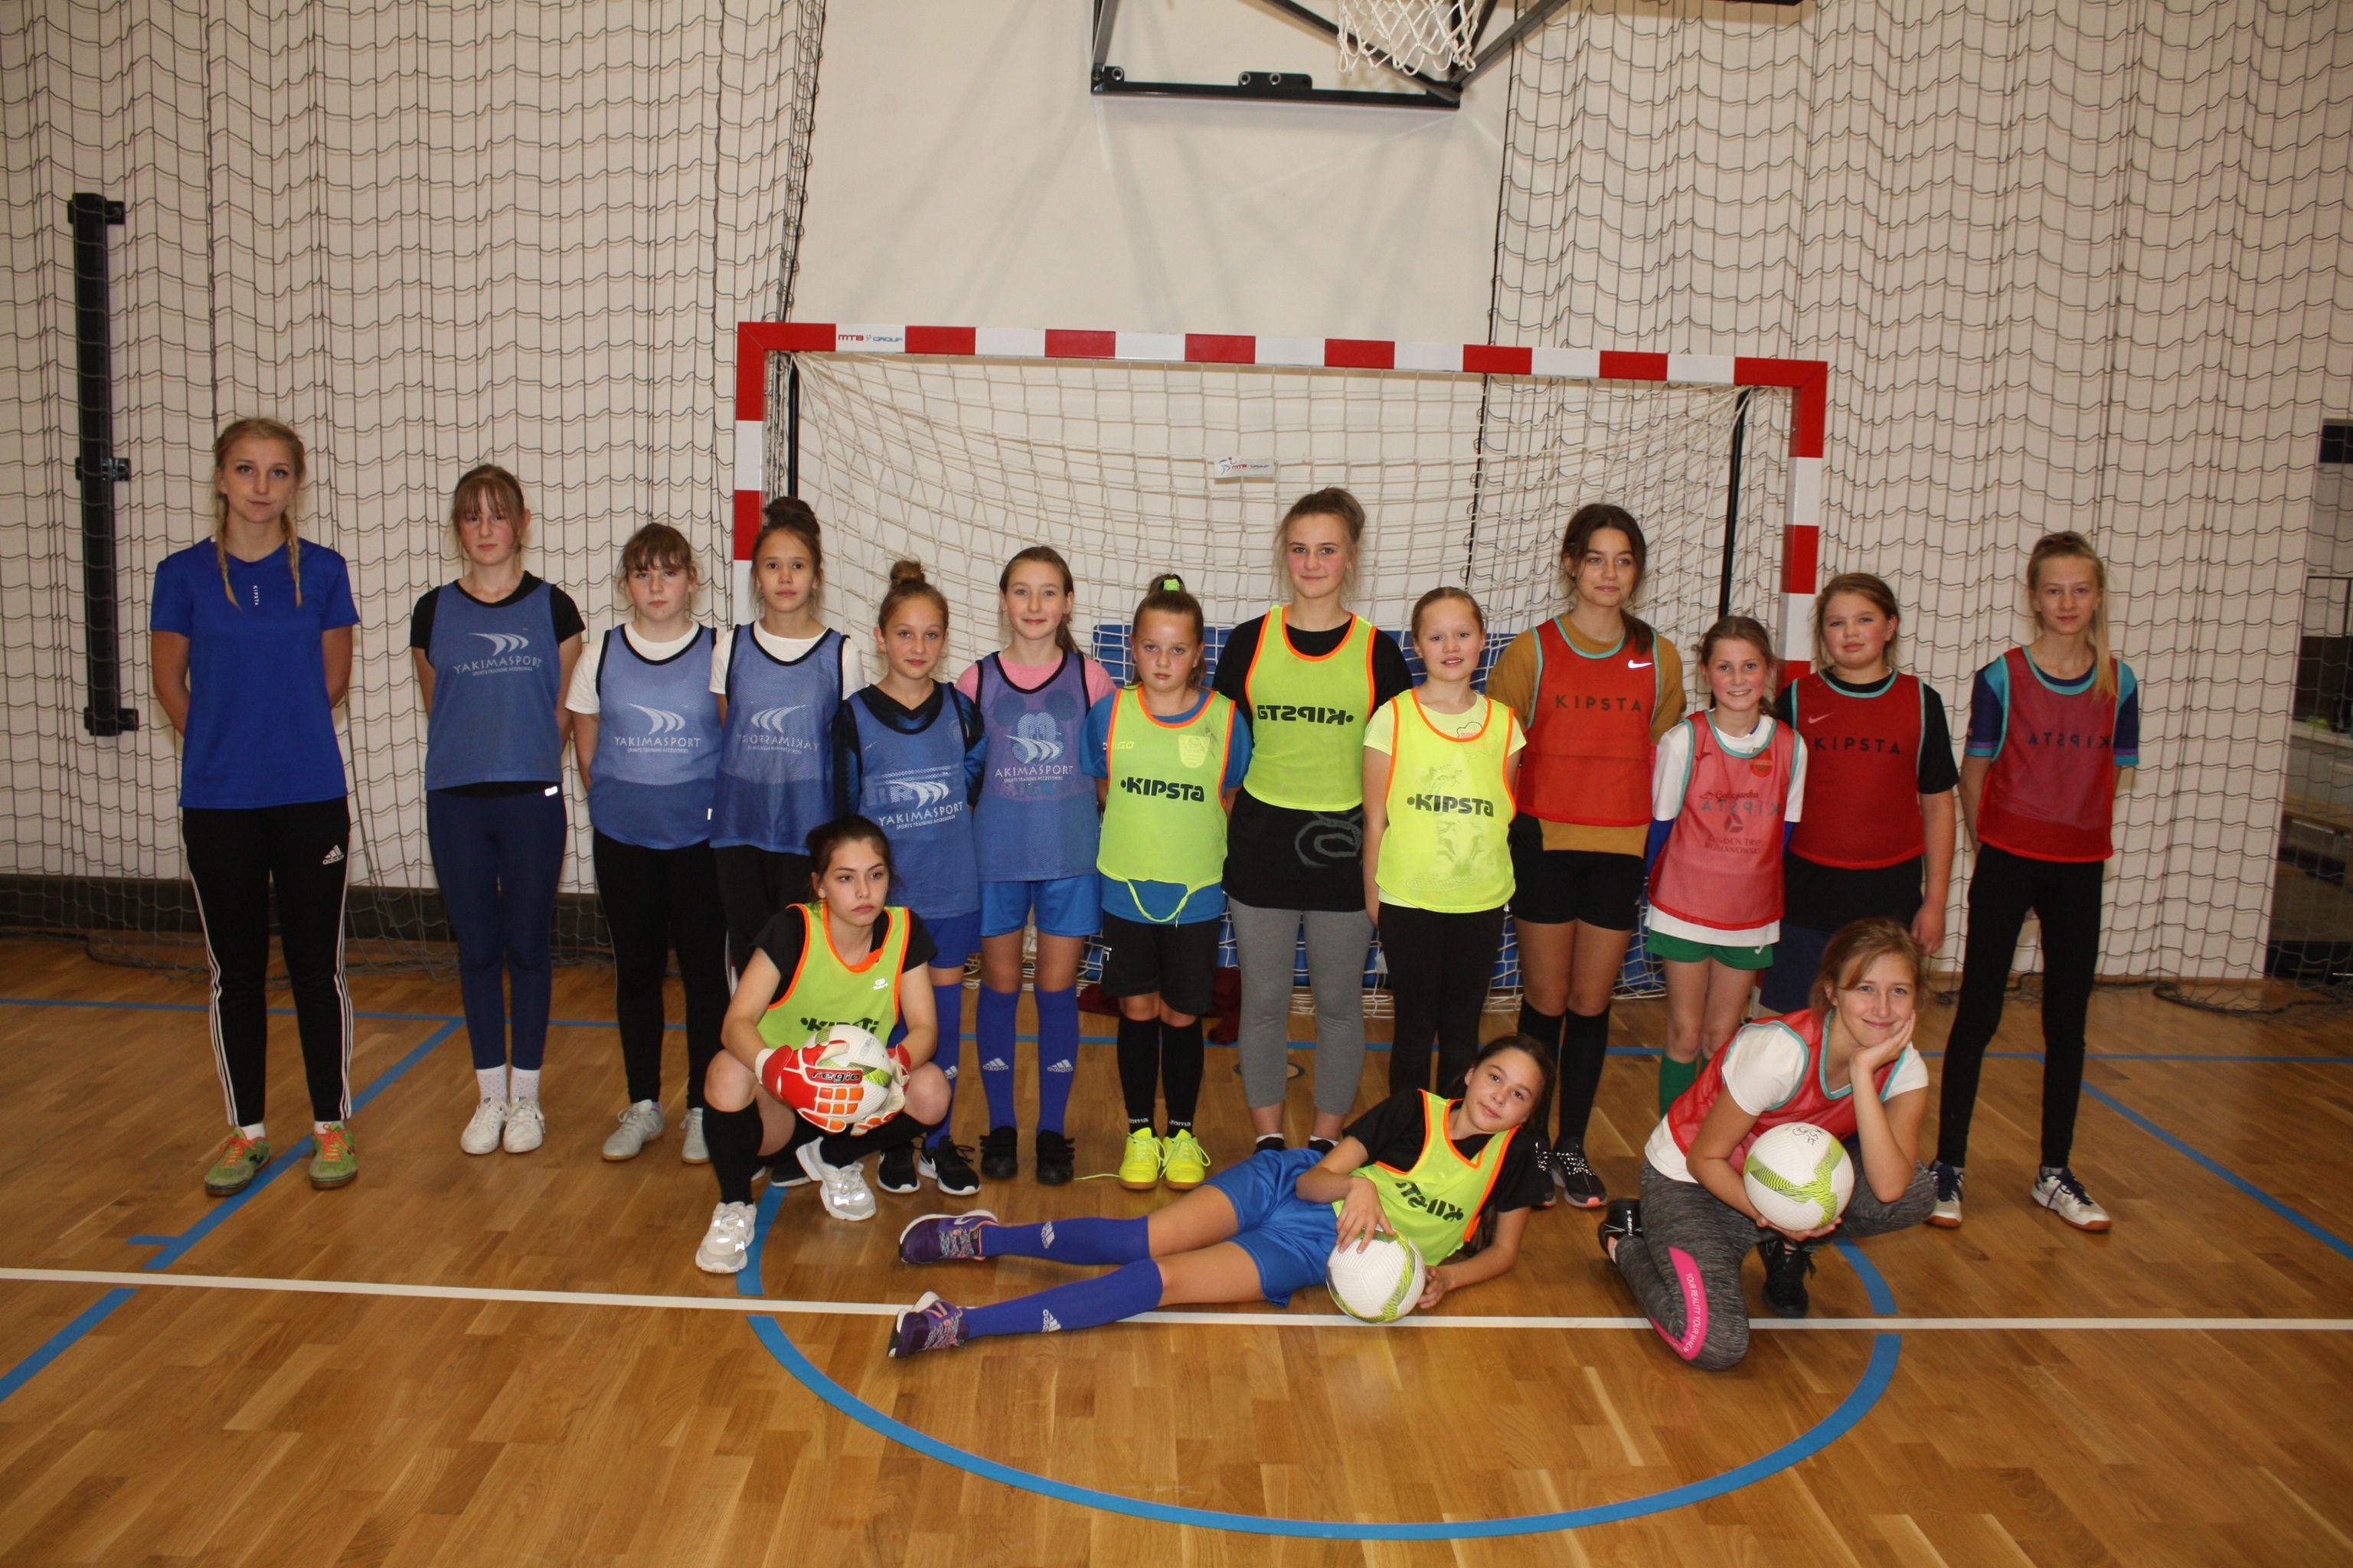 Trwa nabór do dziewczęcej drużyny piłkarskiej